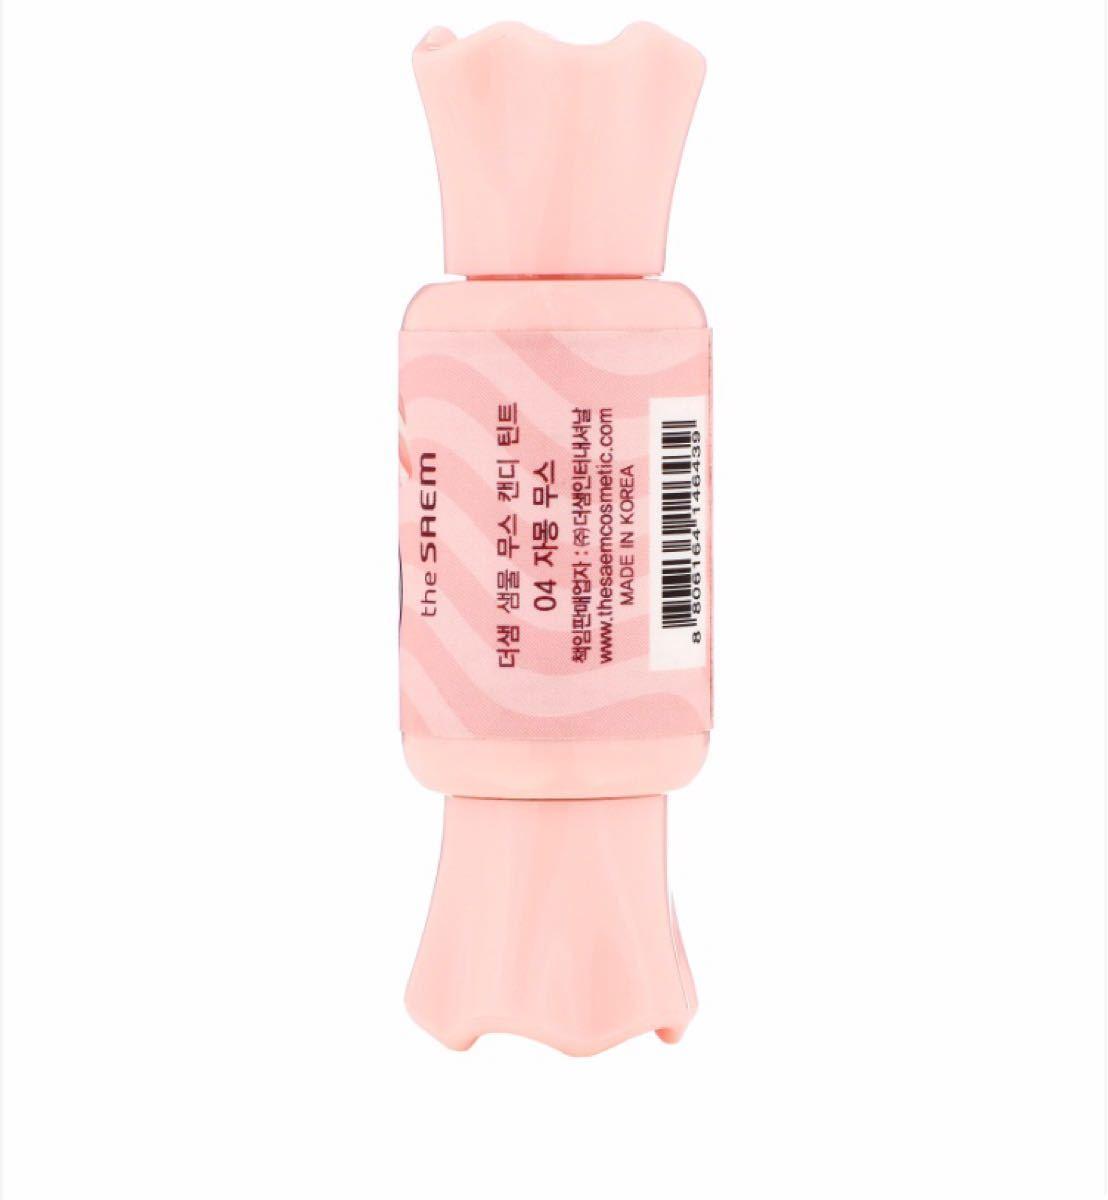 ティント 韓国 コスメ 韓国ファッション tint mousse candy tint grapefruit Saemmul 化粧